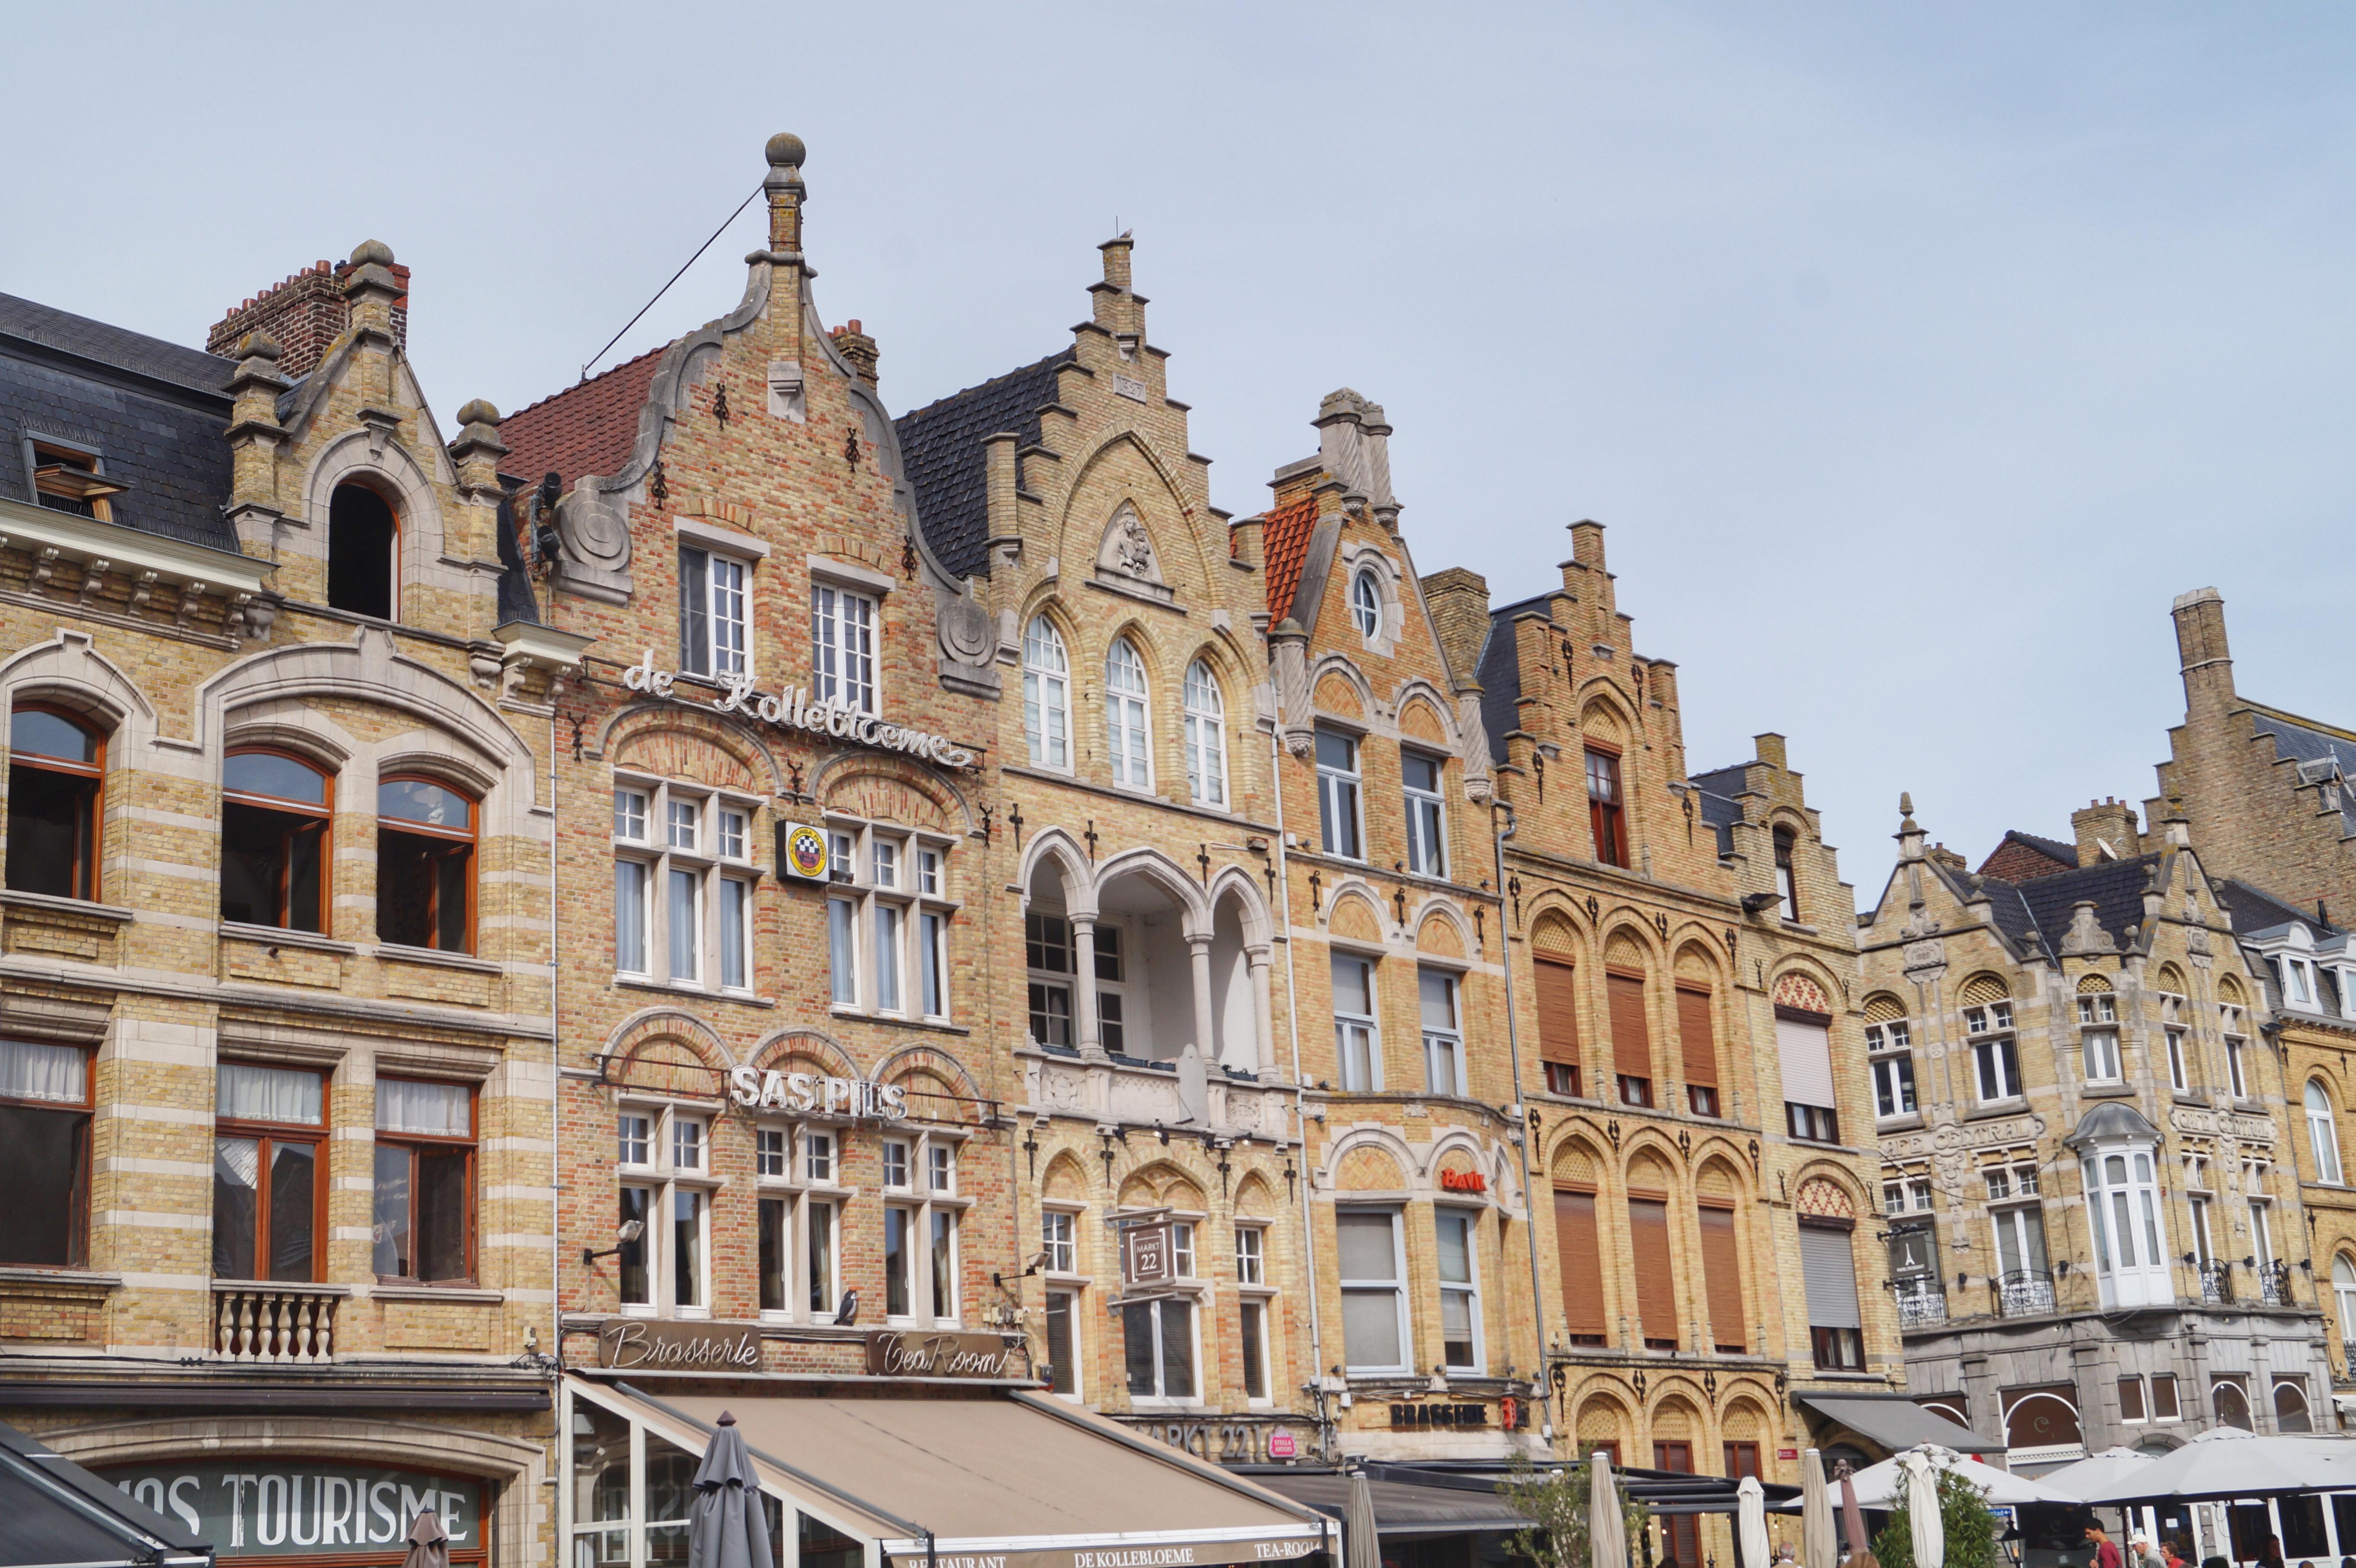 Ypres market square Flanders